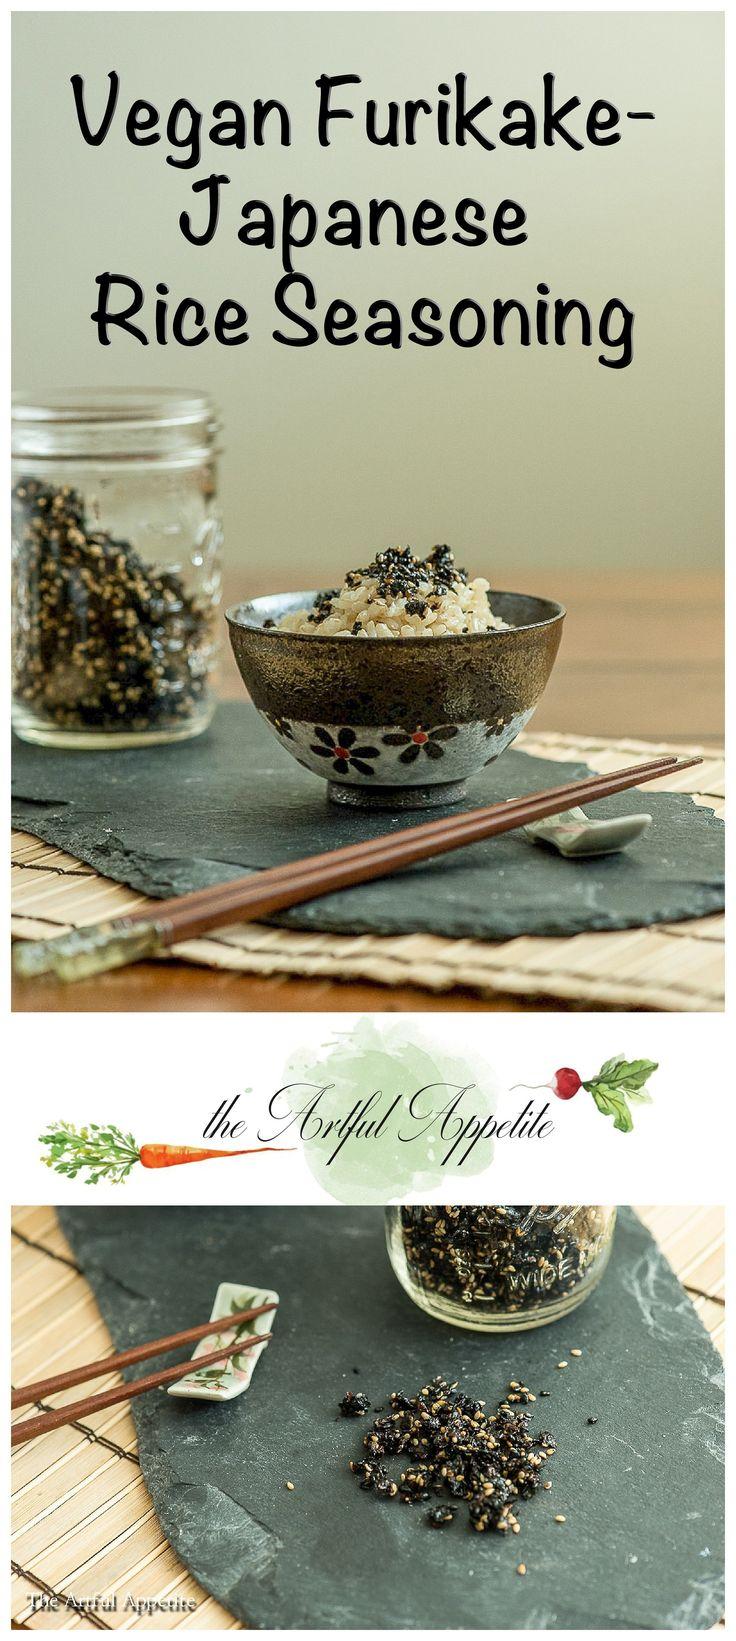 Vegan Furikake Japanese Rice Seasoning